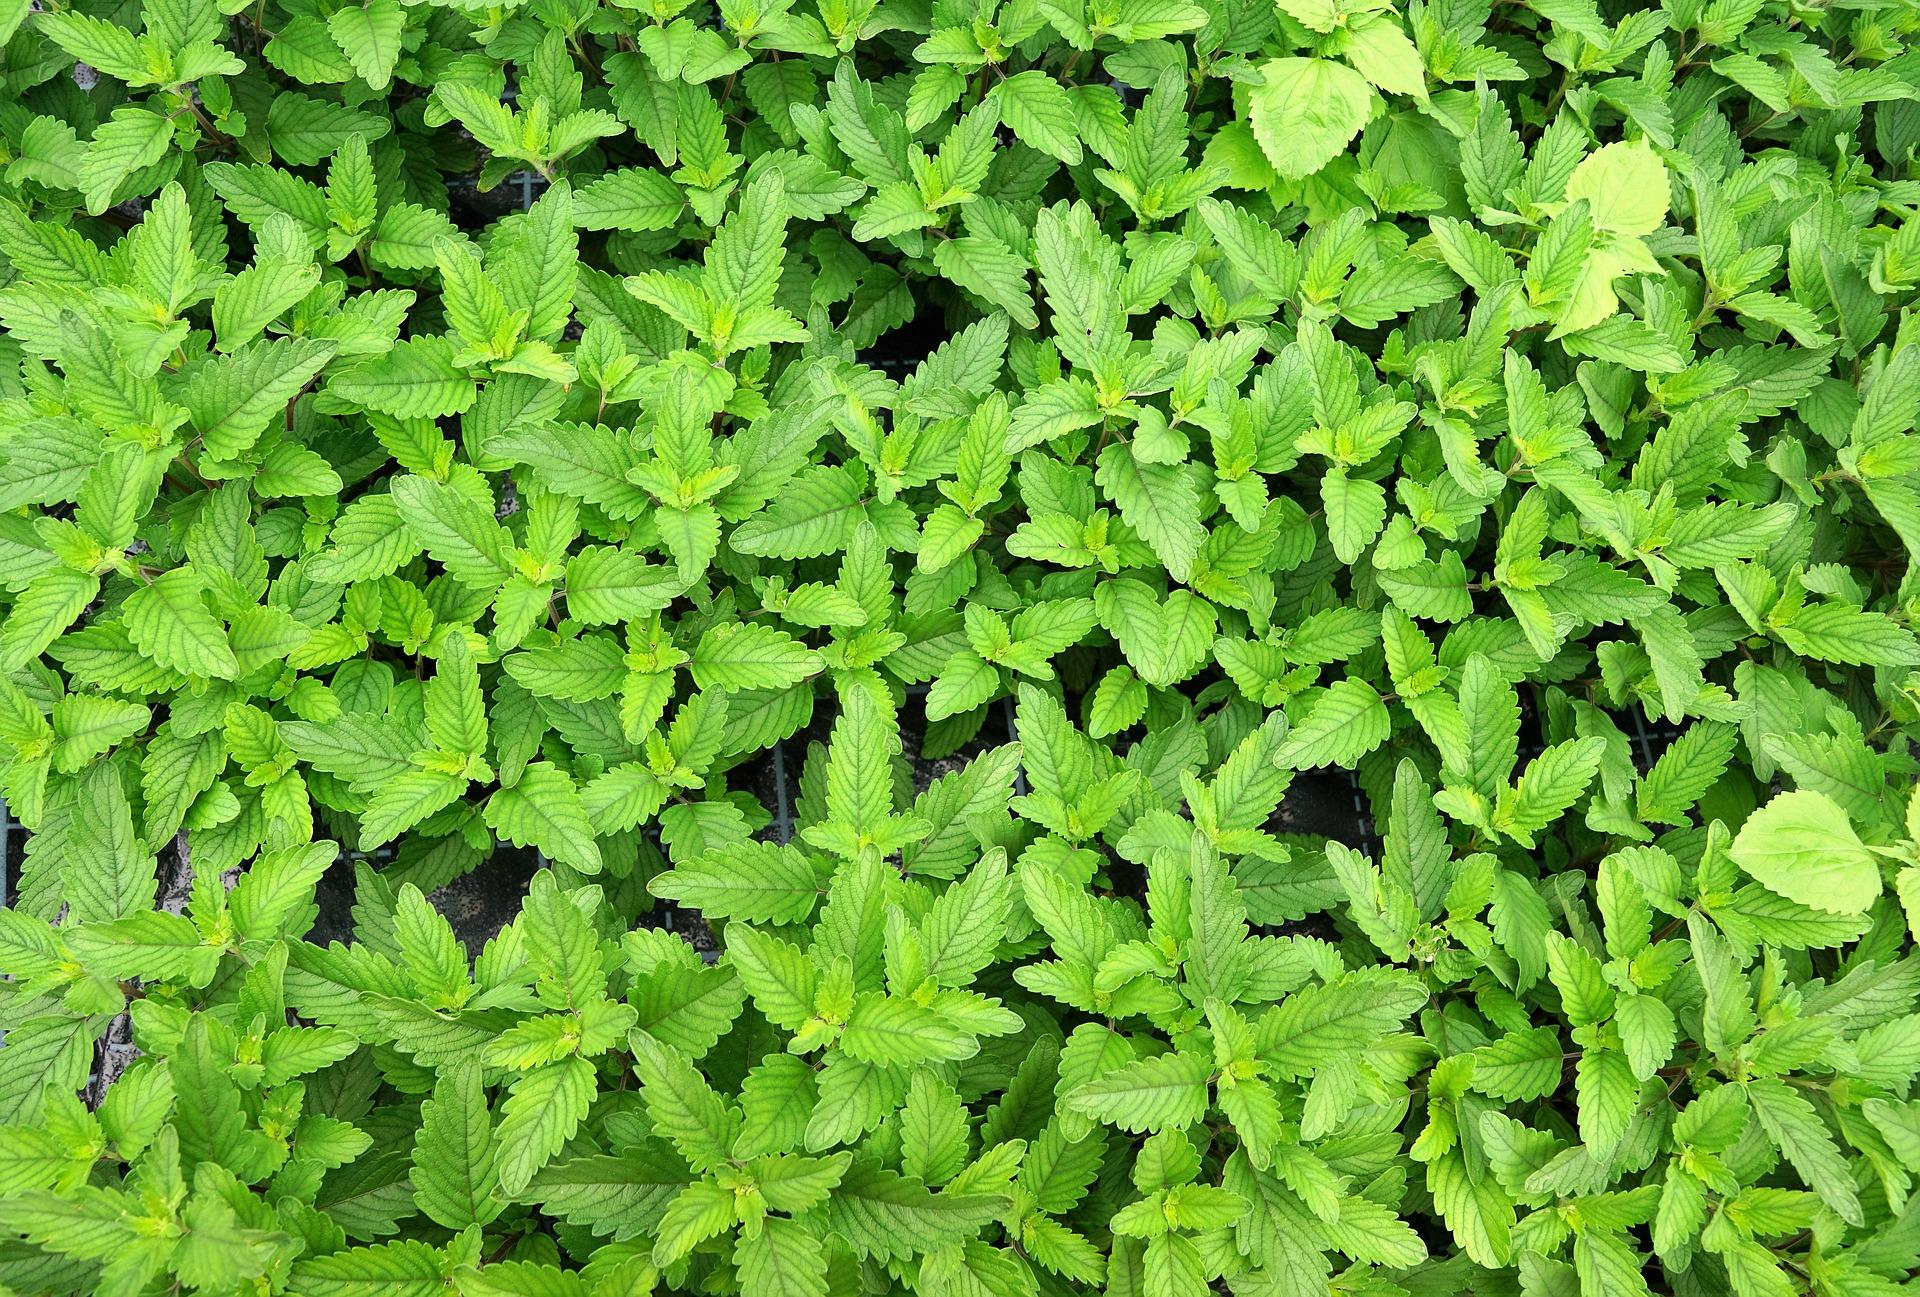 דיאטת תה ירוק